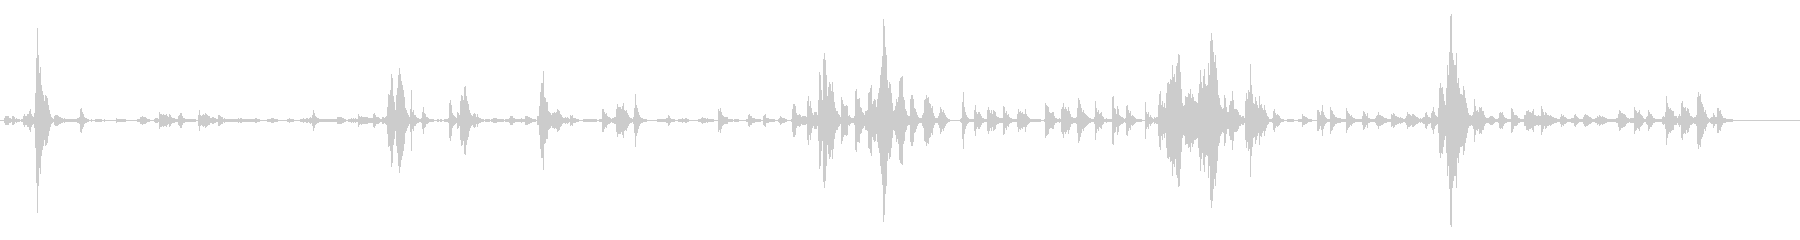 レオン-interior- Roa...の未再生の波形